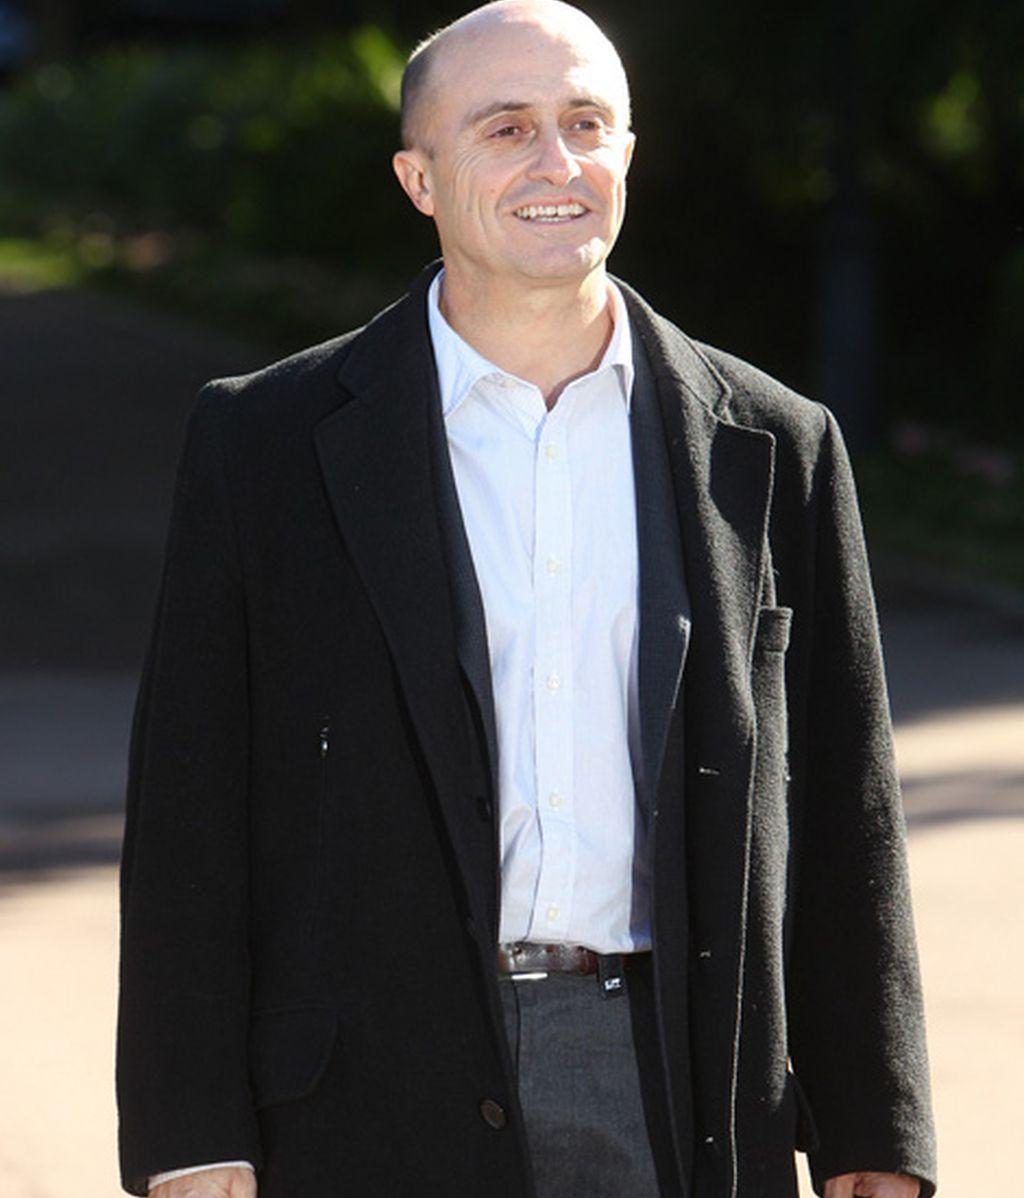 Pepe Viyuela ('Aída', Telecinco), mejor actor de una serie española